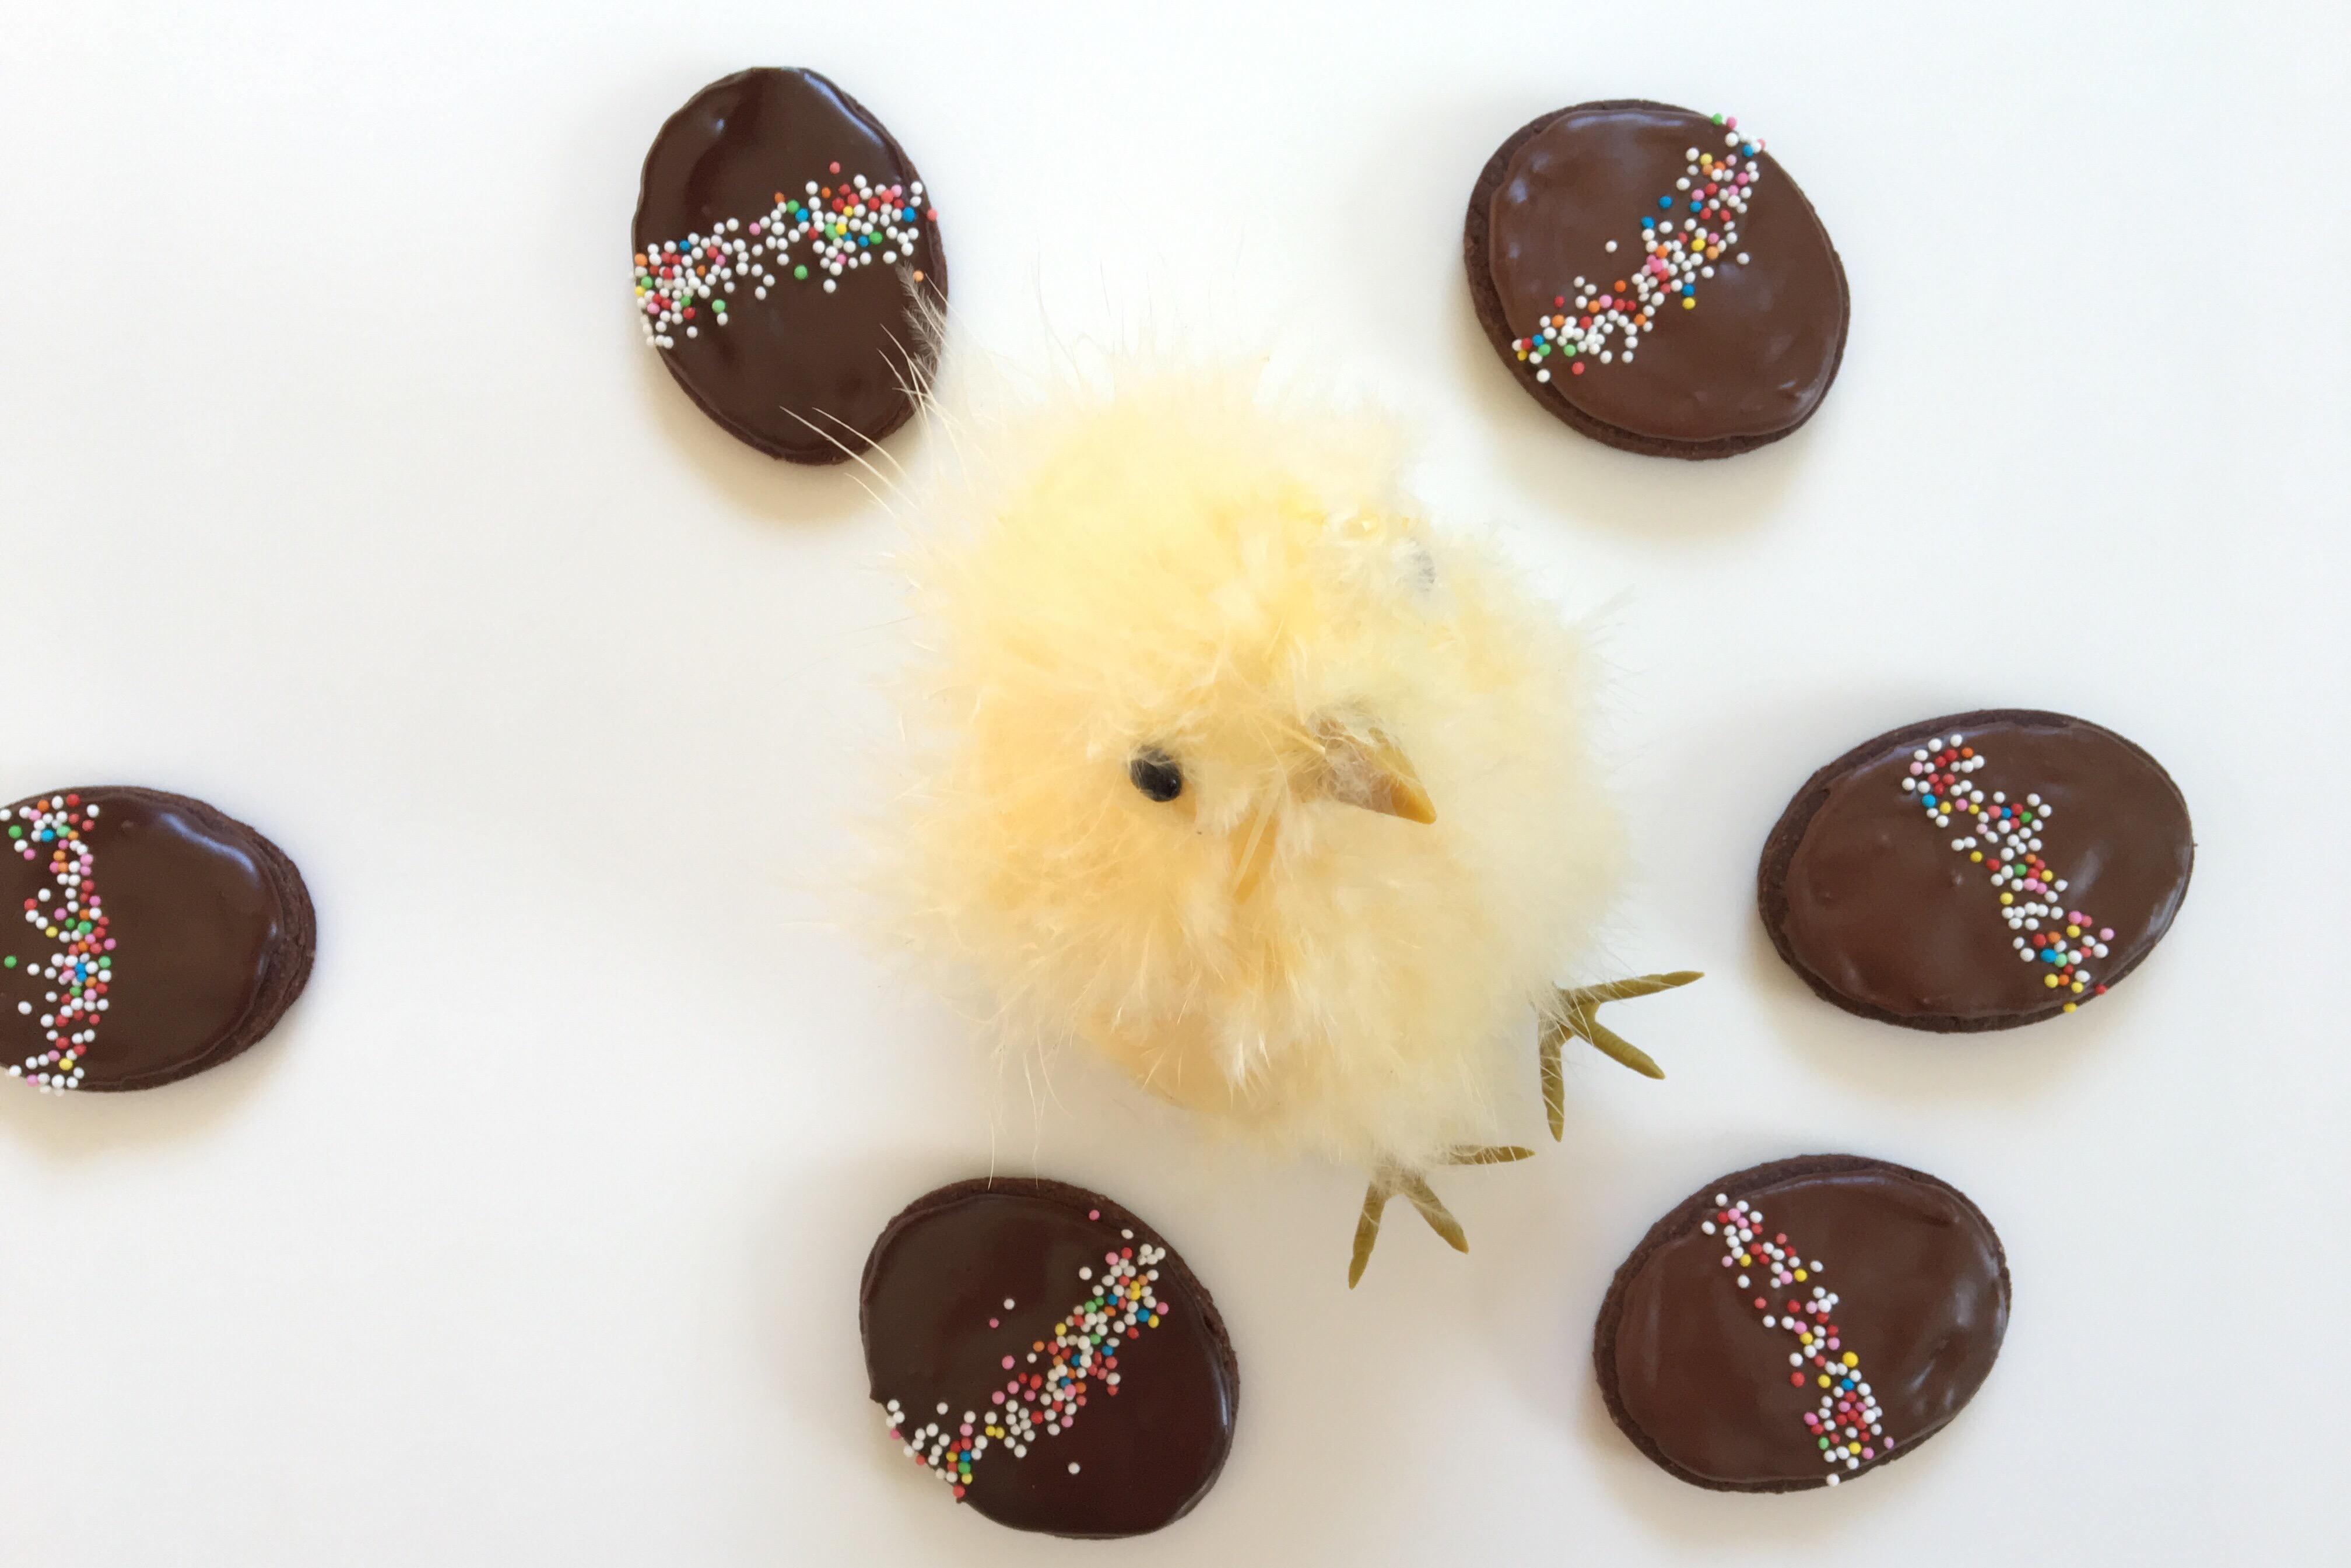 Chokoladeæg